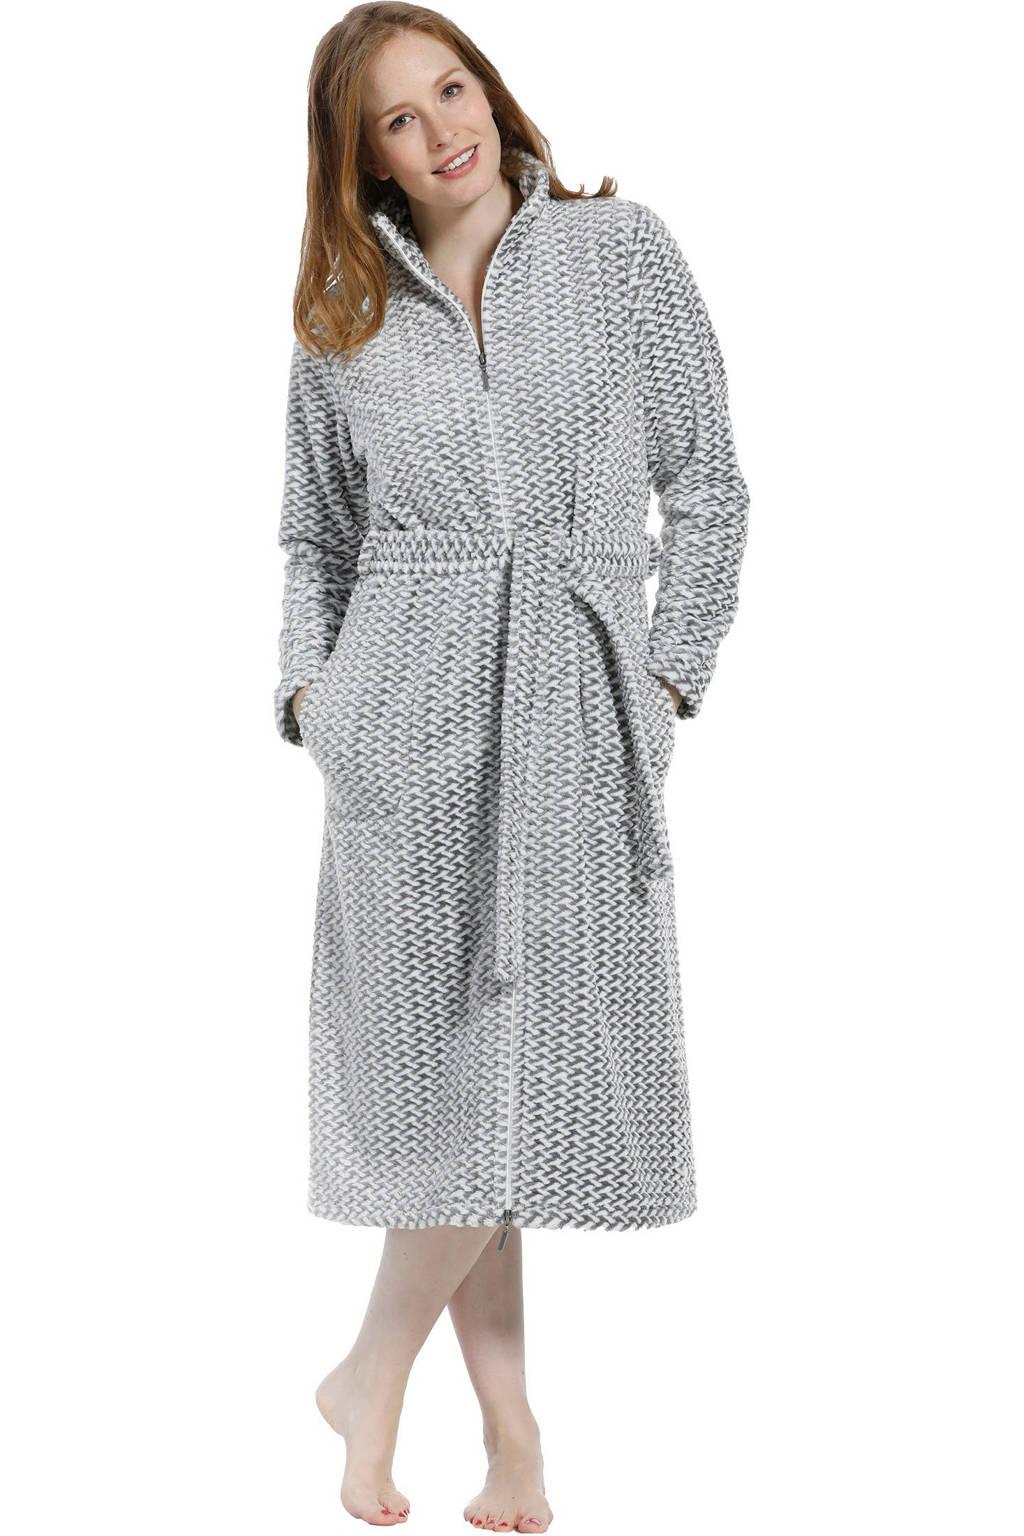 Pastunette fleece badjas met ritssluiting grijs/wit, Grijs/wit